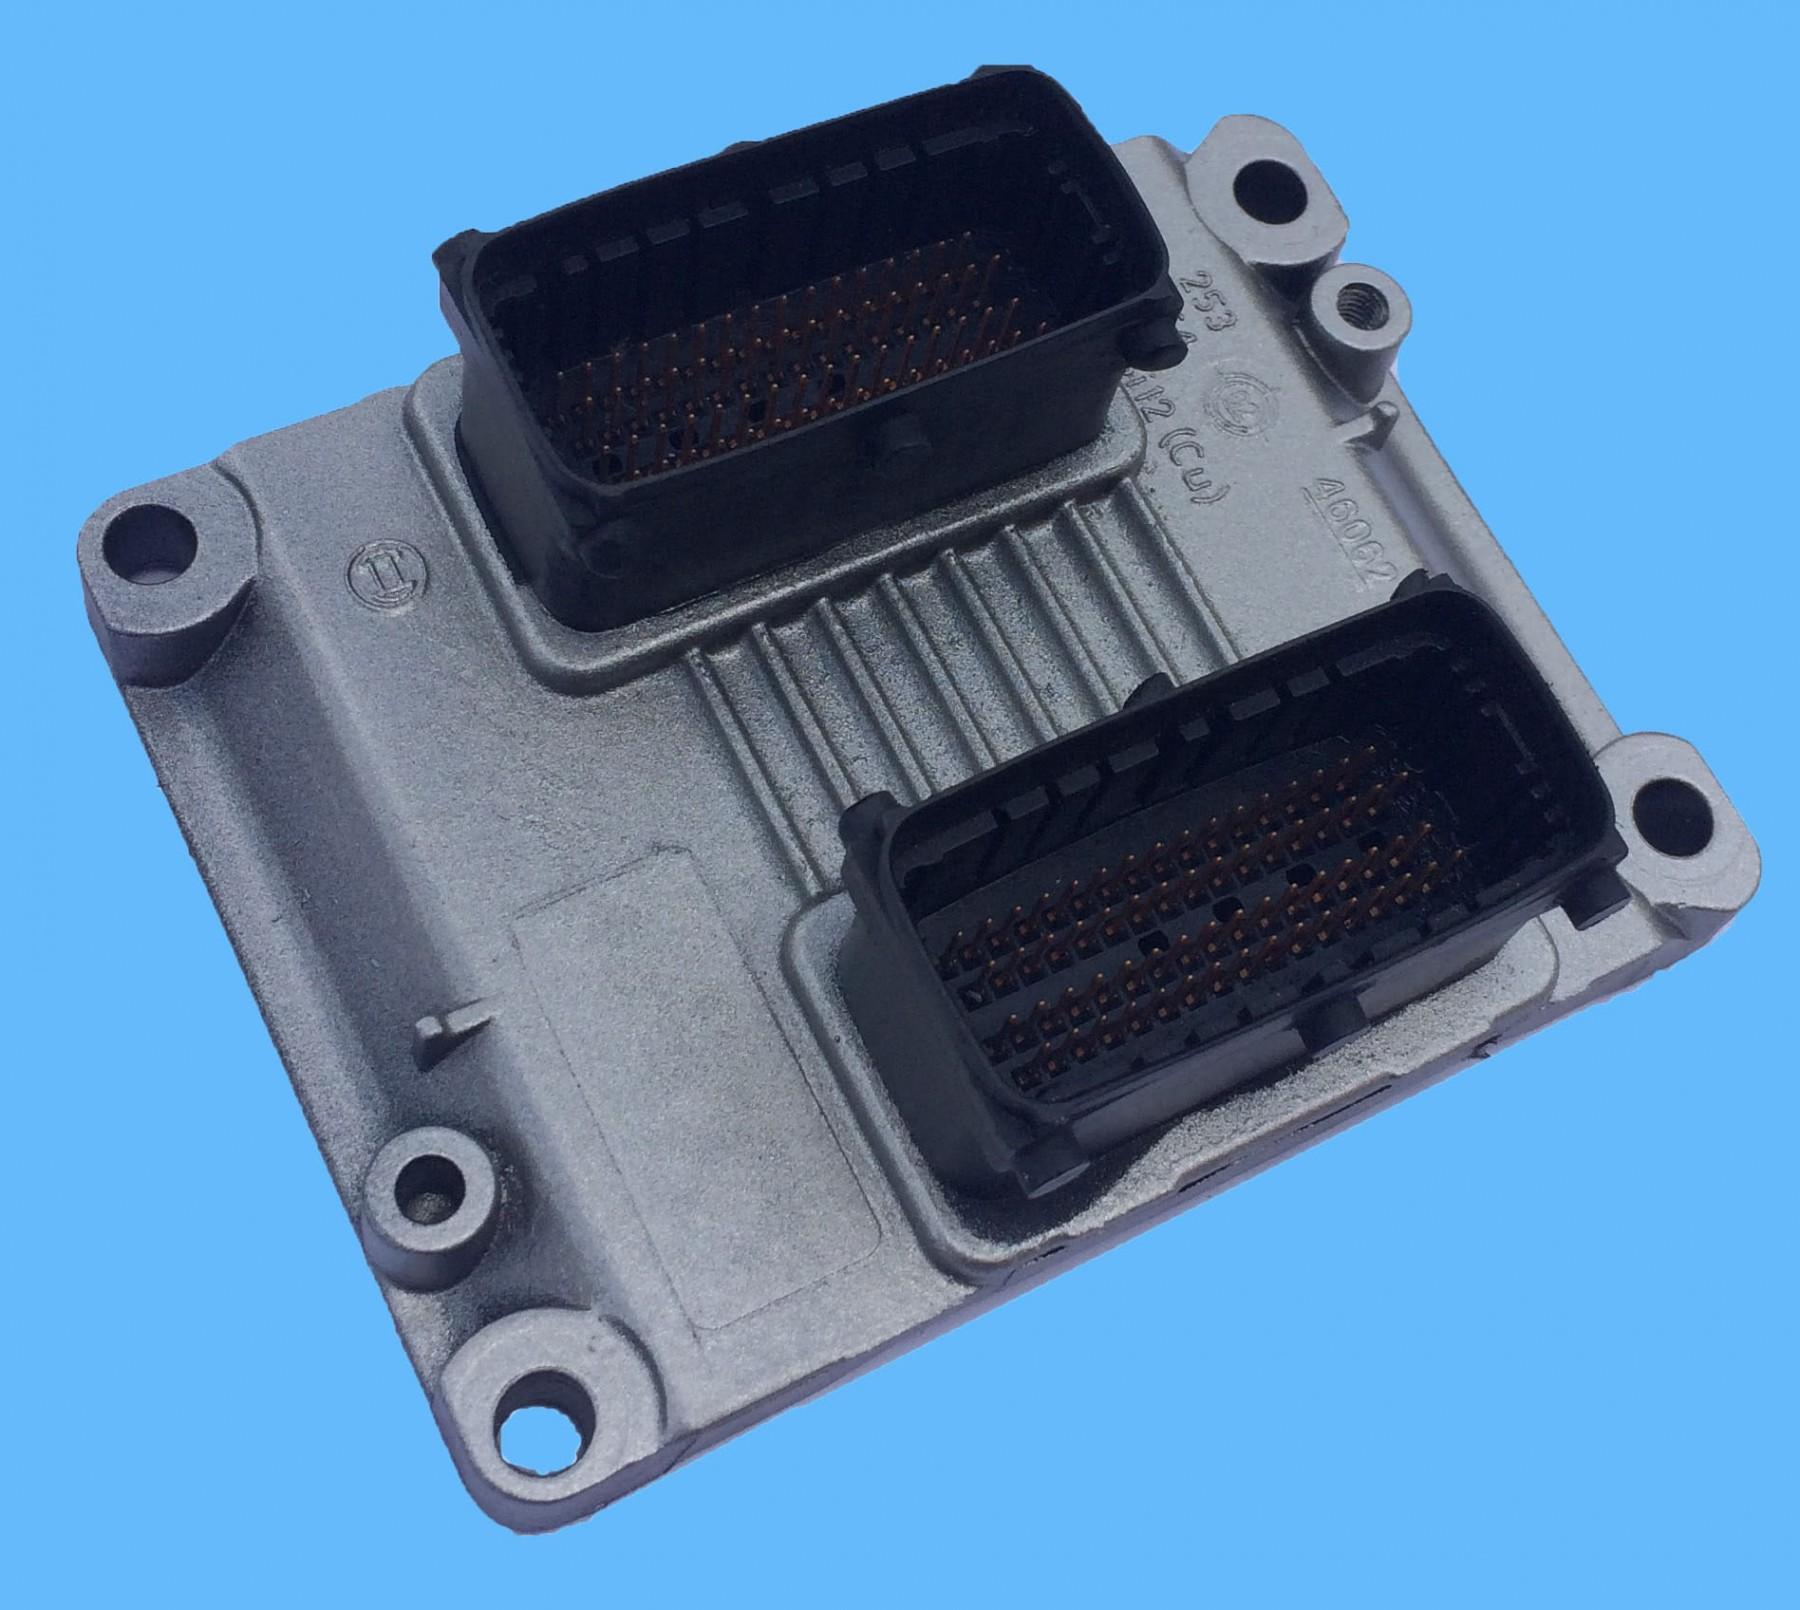 2007 Buick Lacrosse 3.6L Gas Engine Control Module ECM